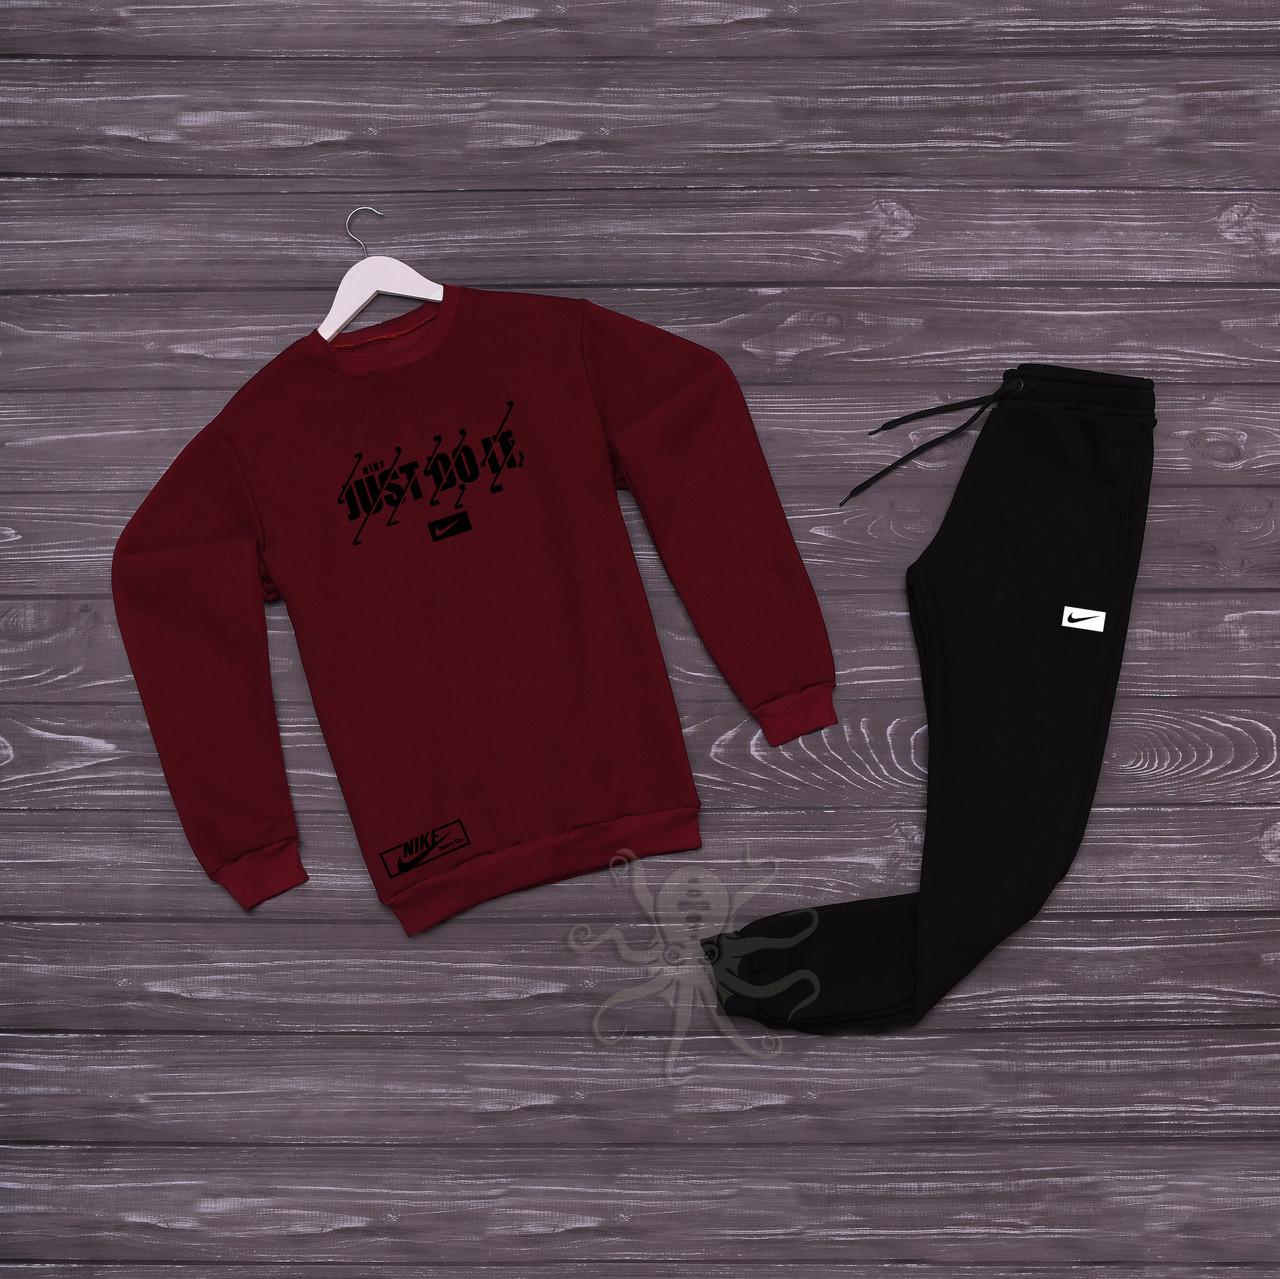 Спортивний костюм реглан червона кофта і чорні штани